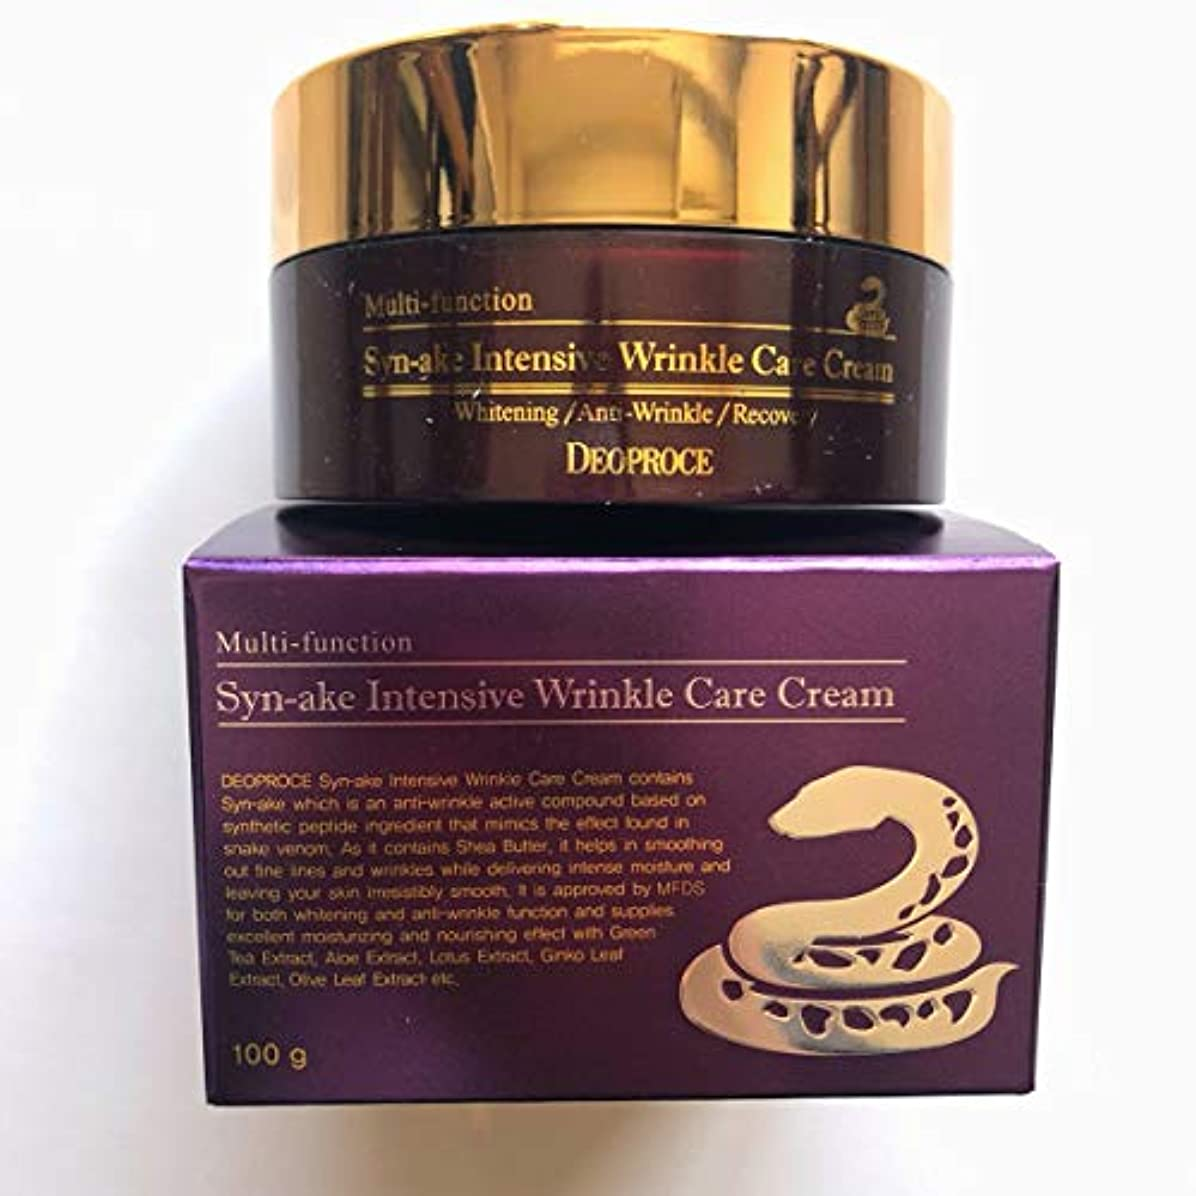 ユーモアひねくれた地区ディオプラス(DEOPROCE) スネークインテンシブリンクルケアクリーム (Syn-ake Intensive Wrinkle Care Cream)